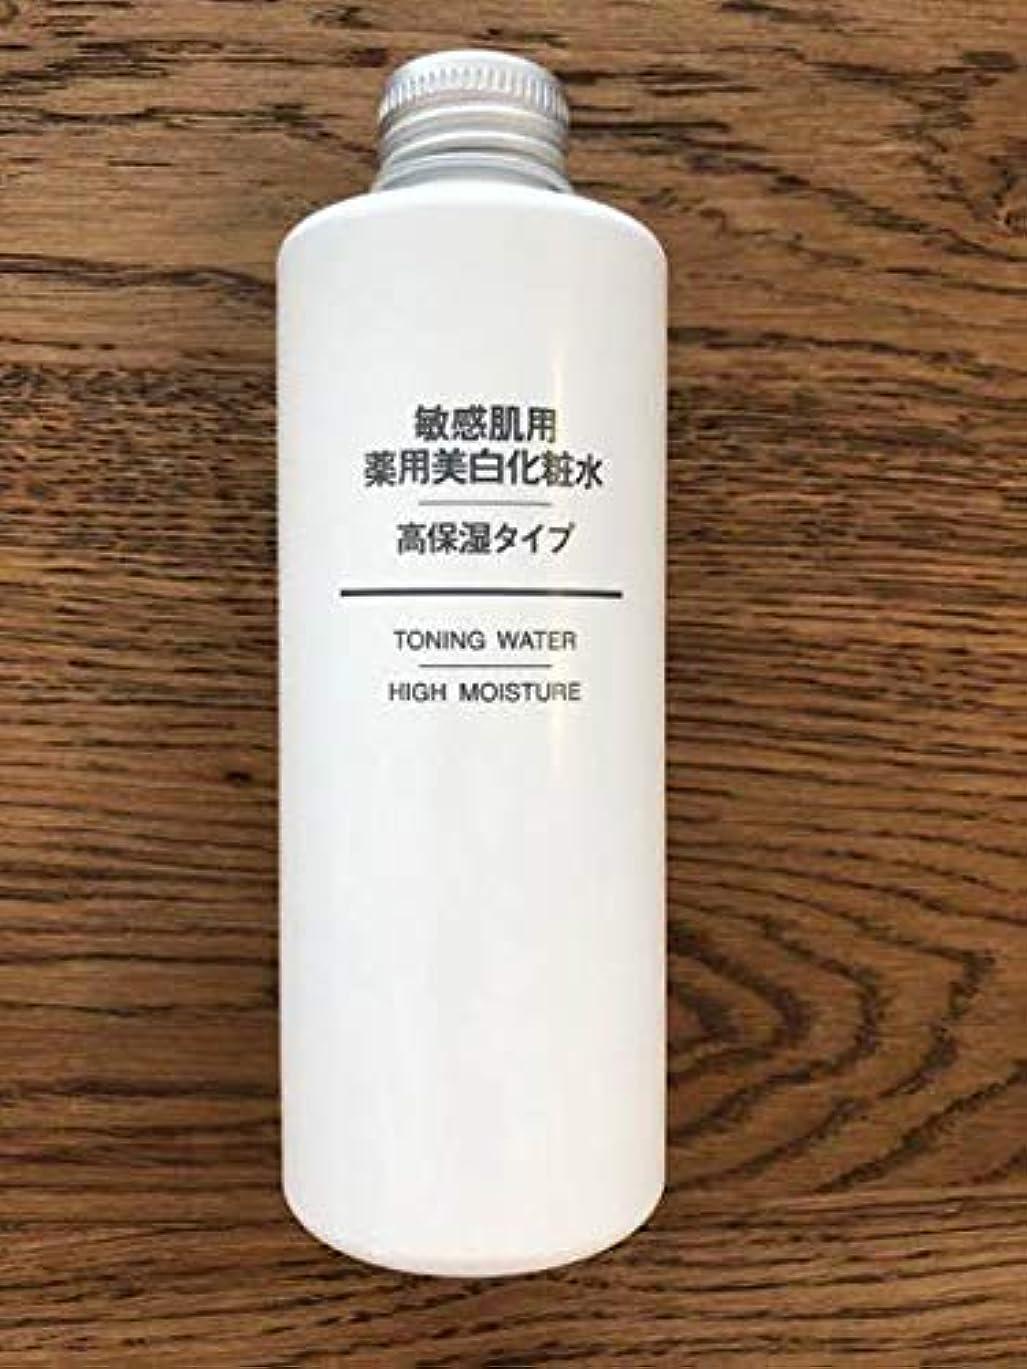 半導体カラス甥無印良品 敏感肌用 薬用美白化粧水 高保湿タイプ (新)200ml